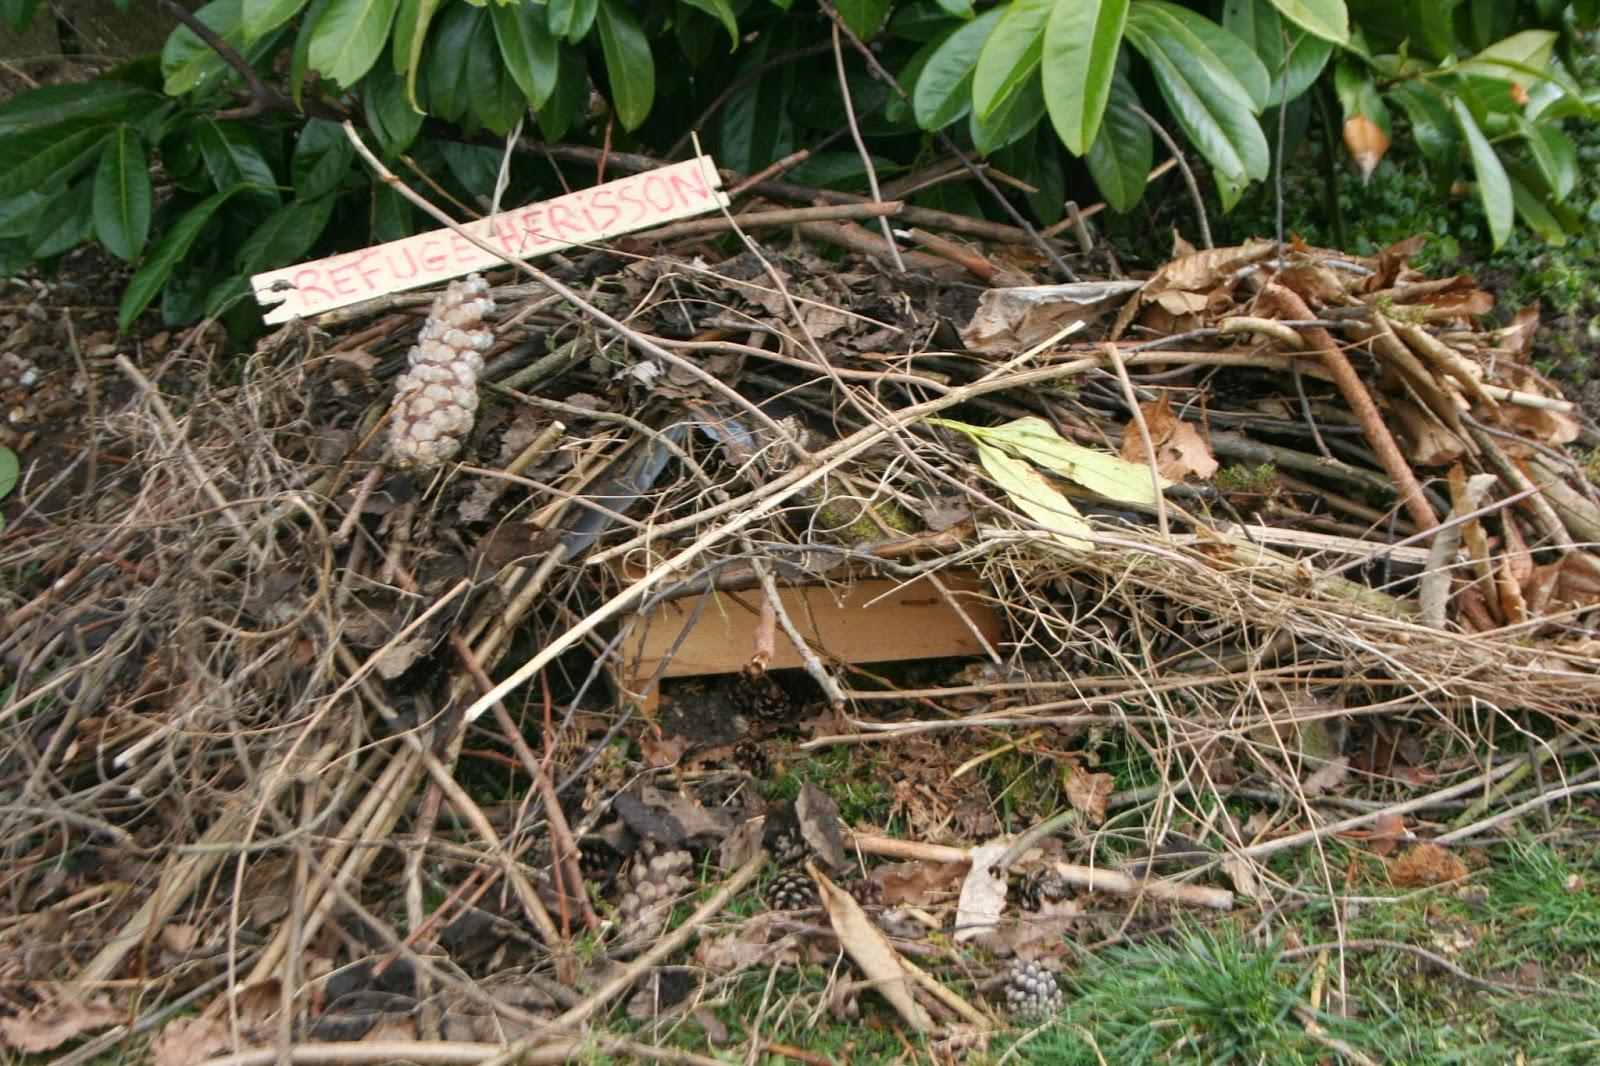 Construire des abris lpo dr me ligue pour la protection - Abri pour herisson ...